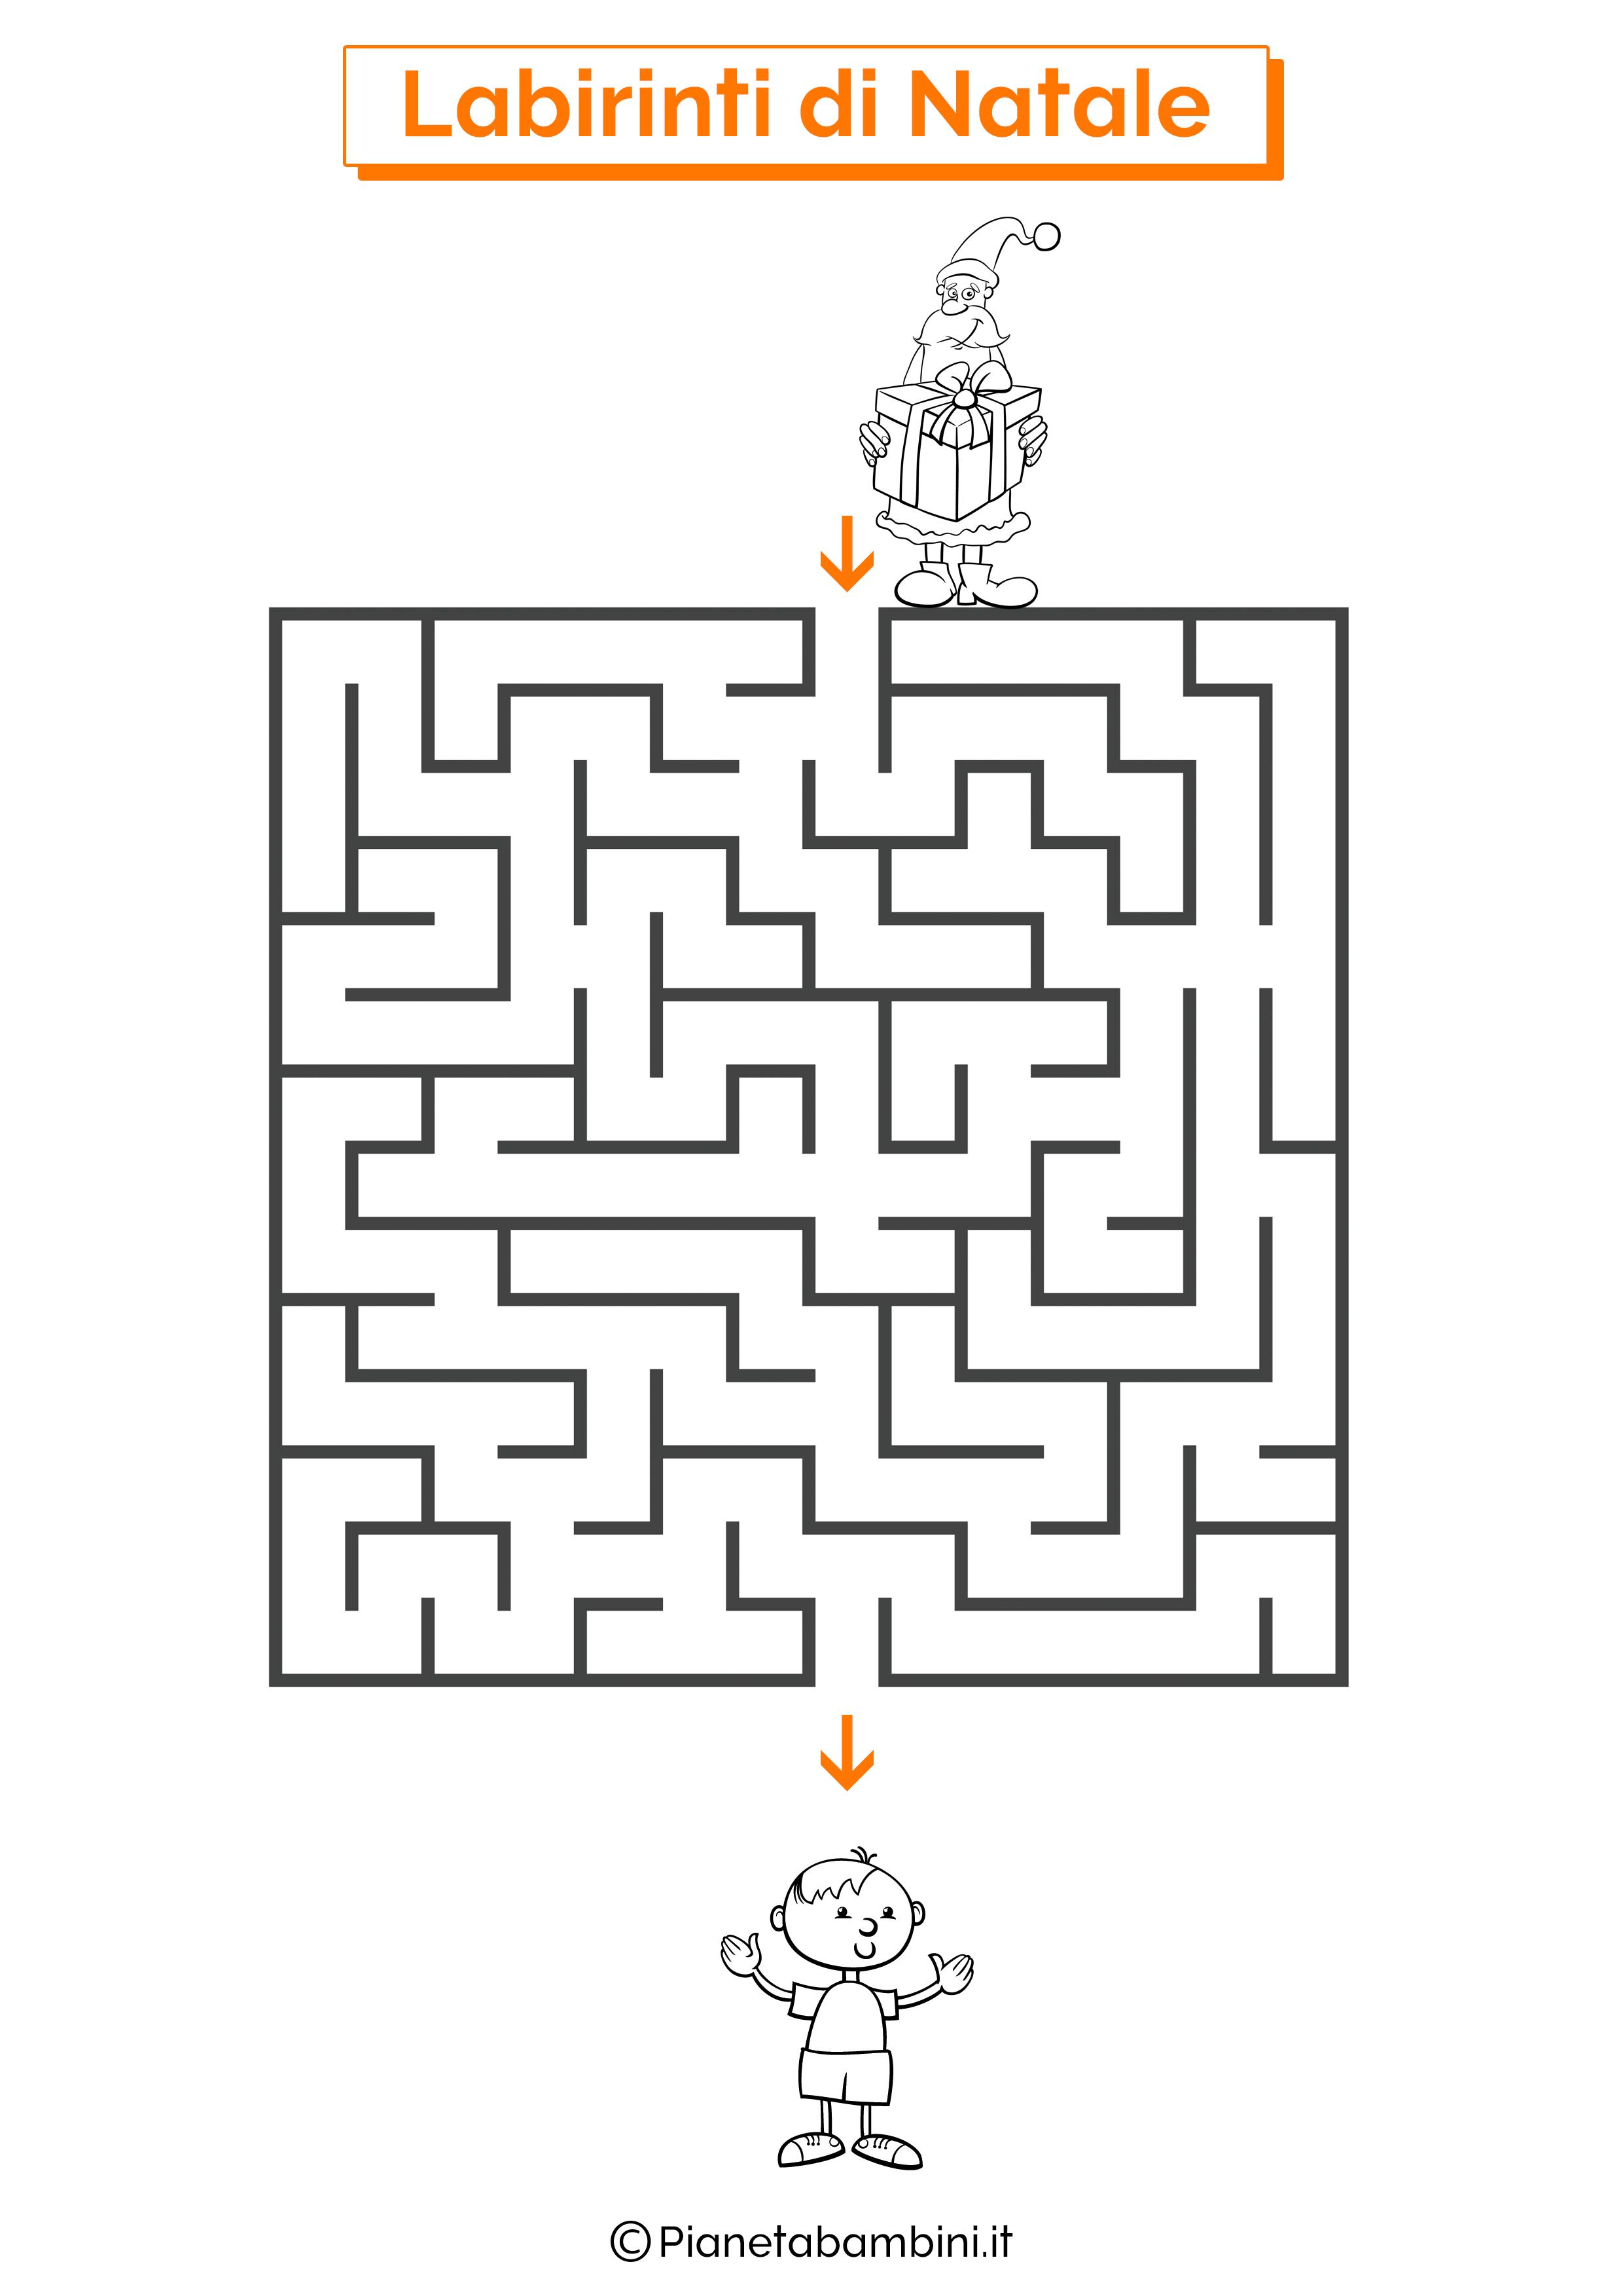 Labirinto di Natale da stampare 07